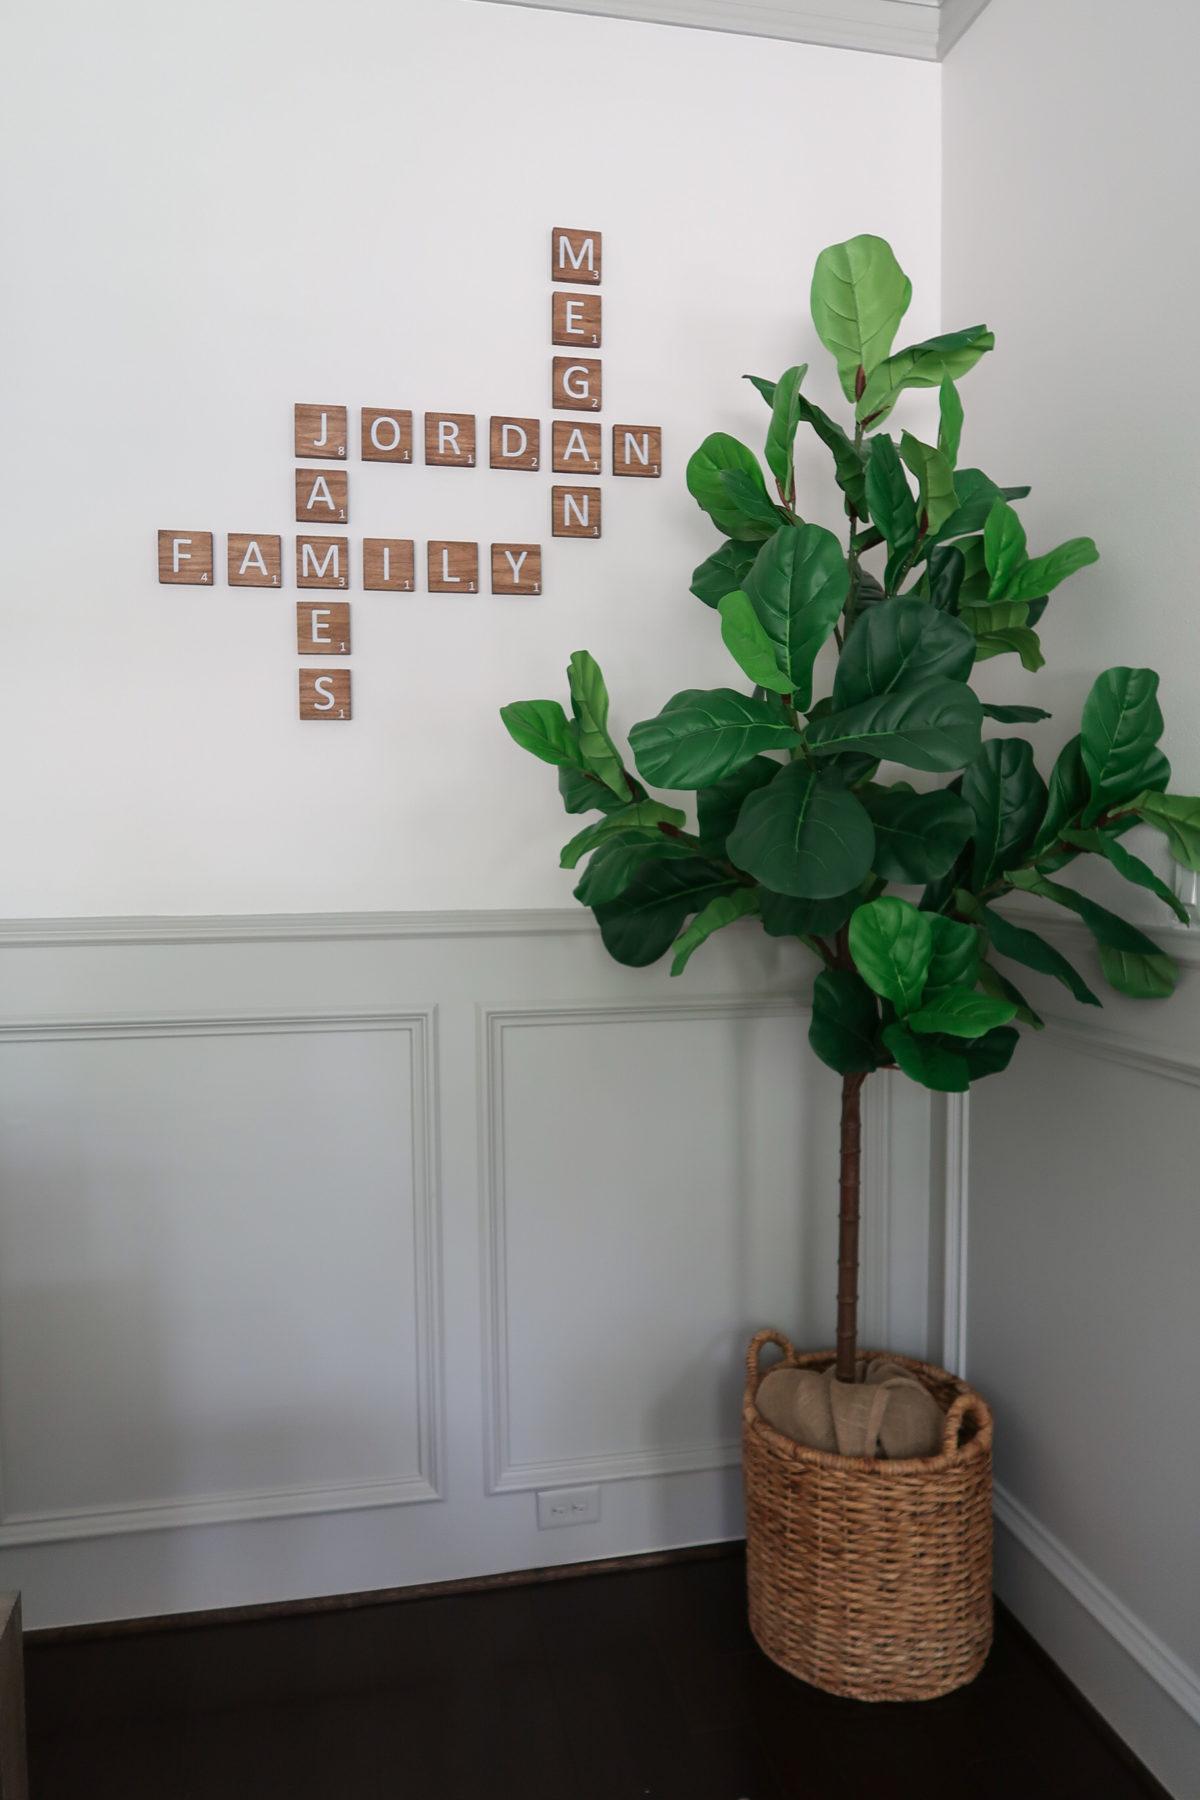 scrabble letter wall art